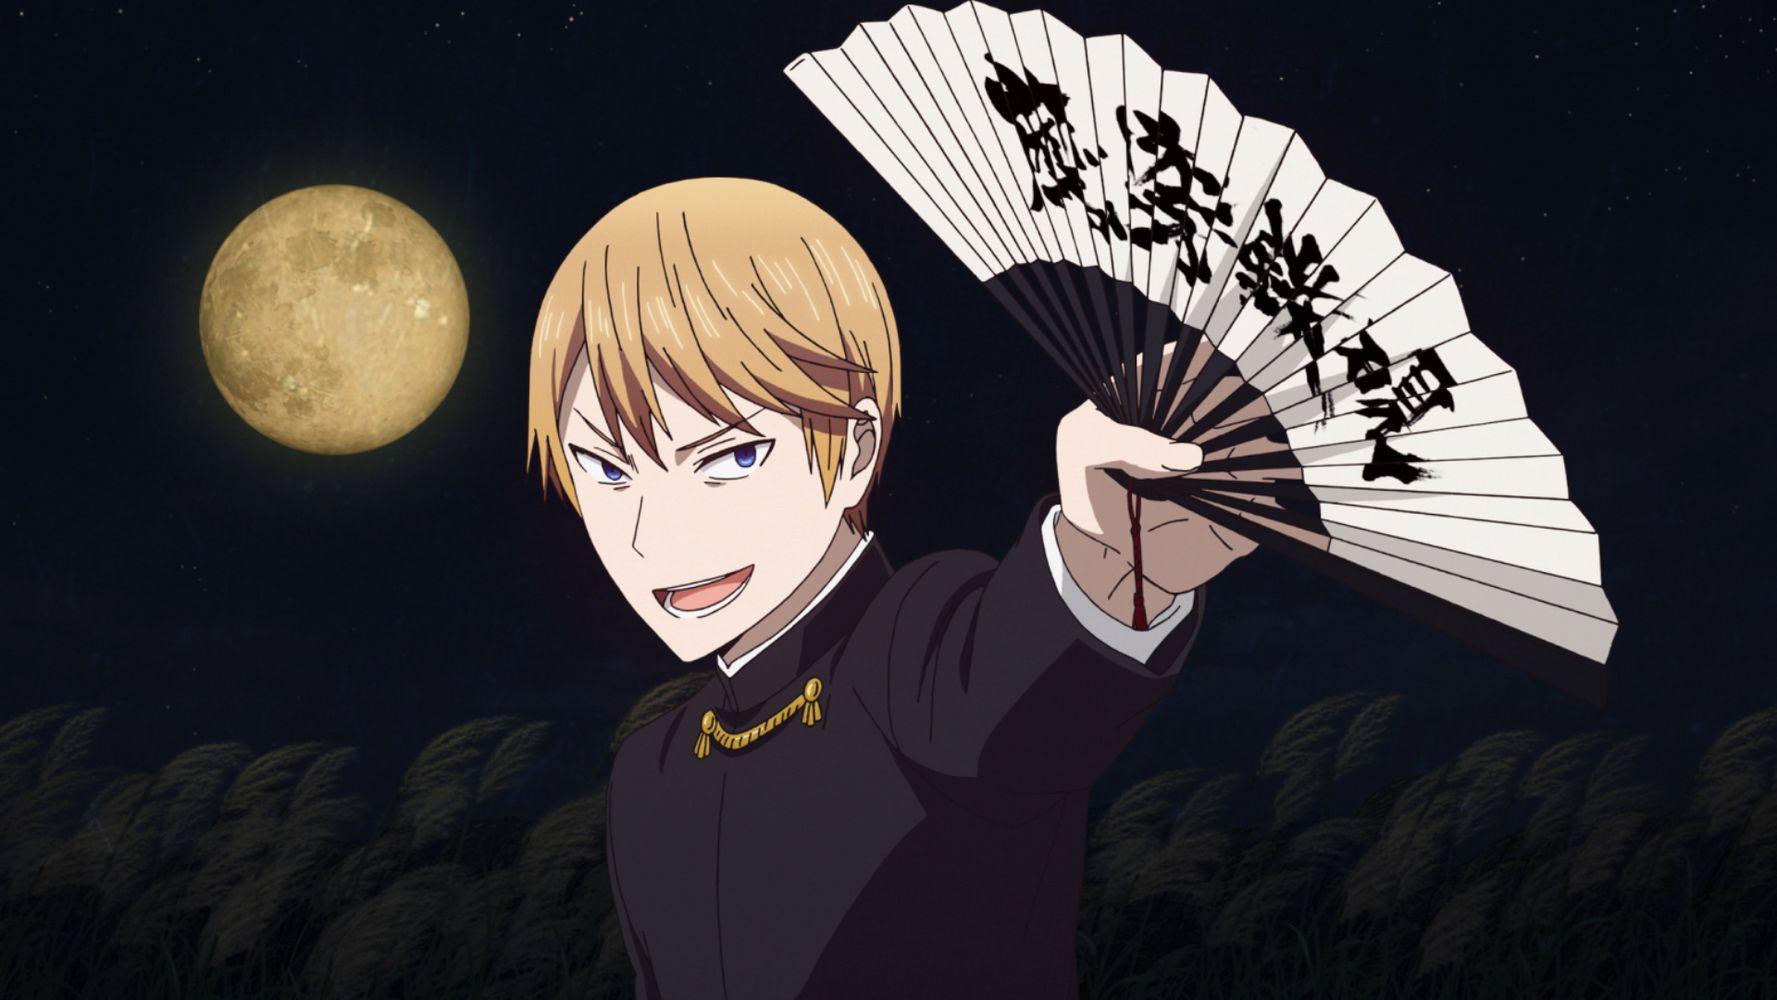 Kaguya-sama wa Kokurasetai? Tensai-tachi no Renai Zunousen